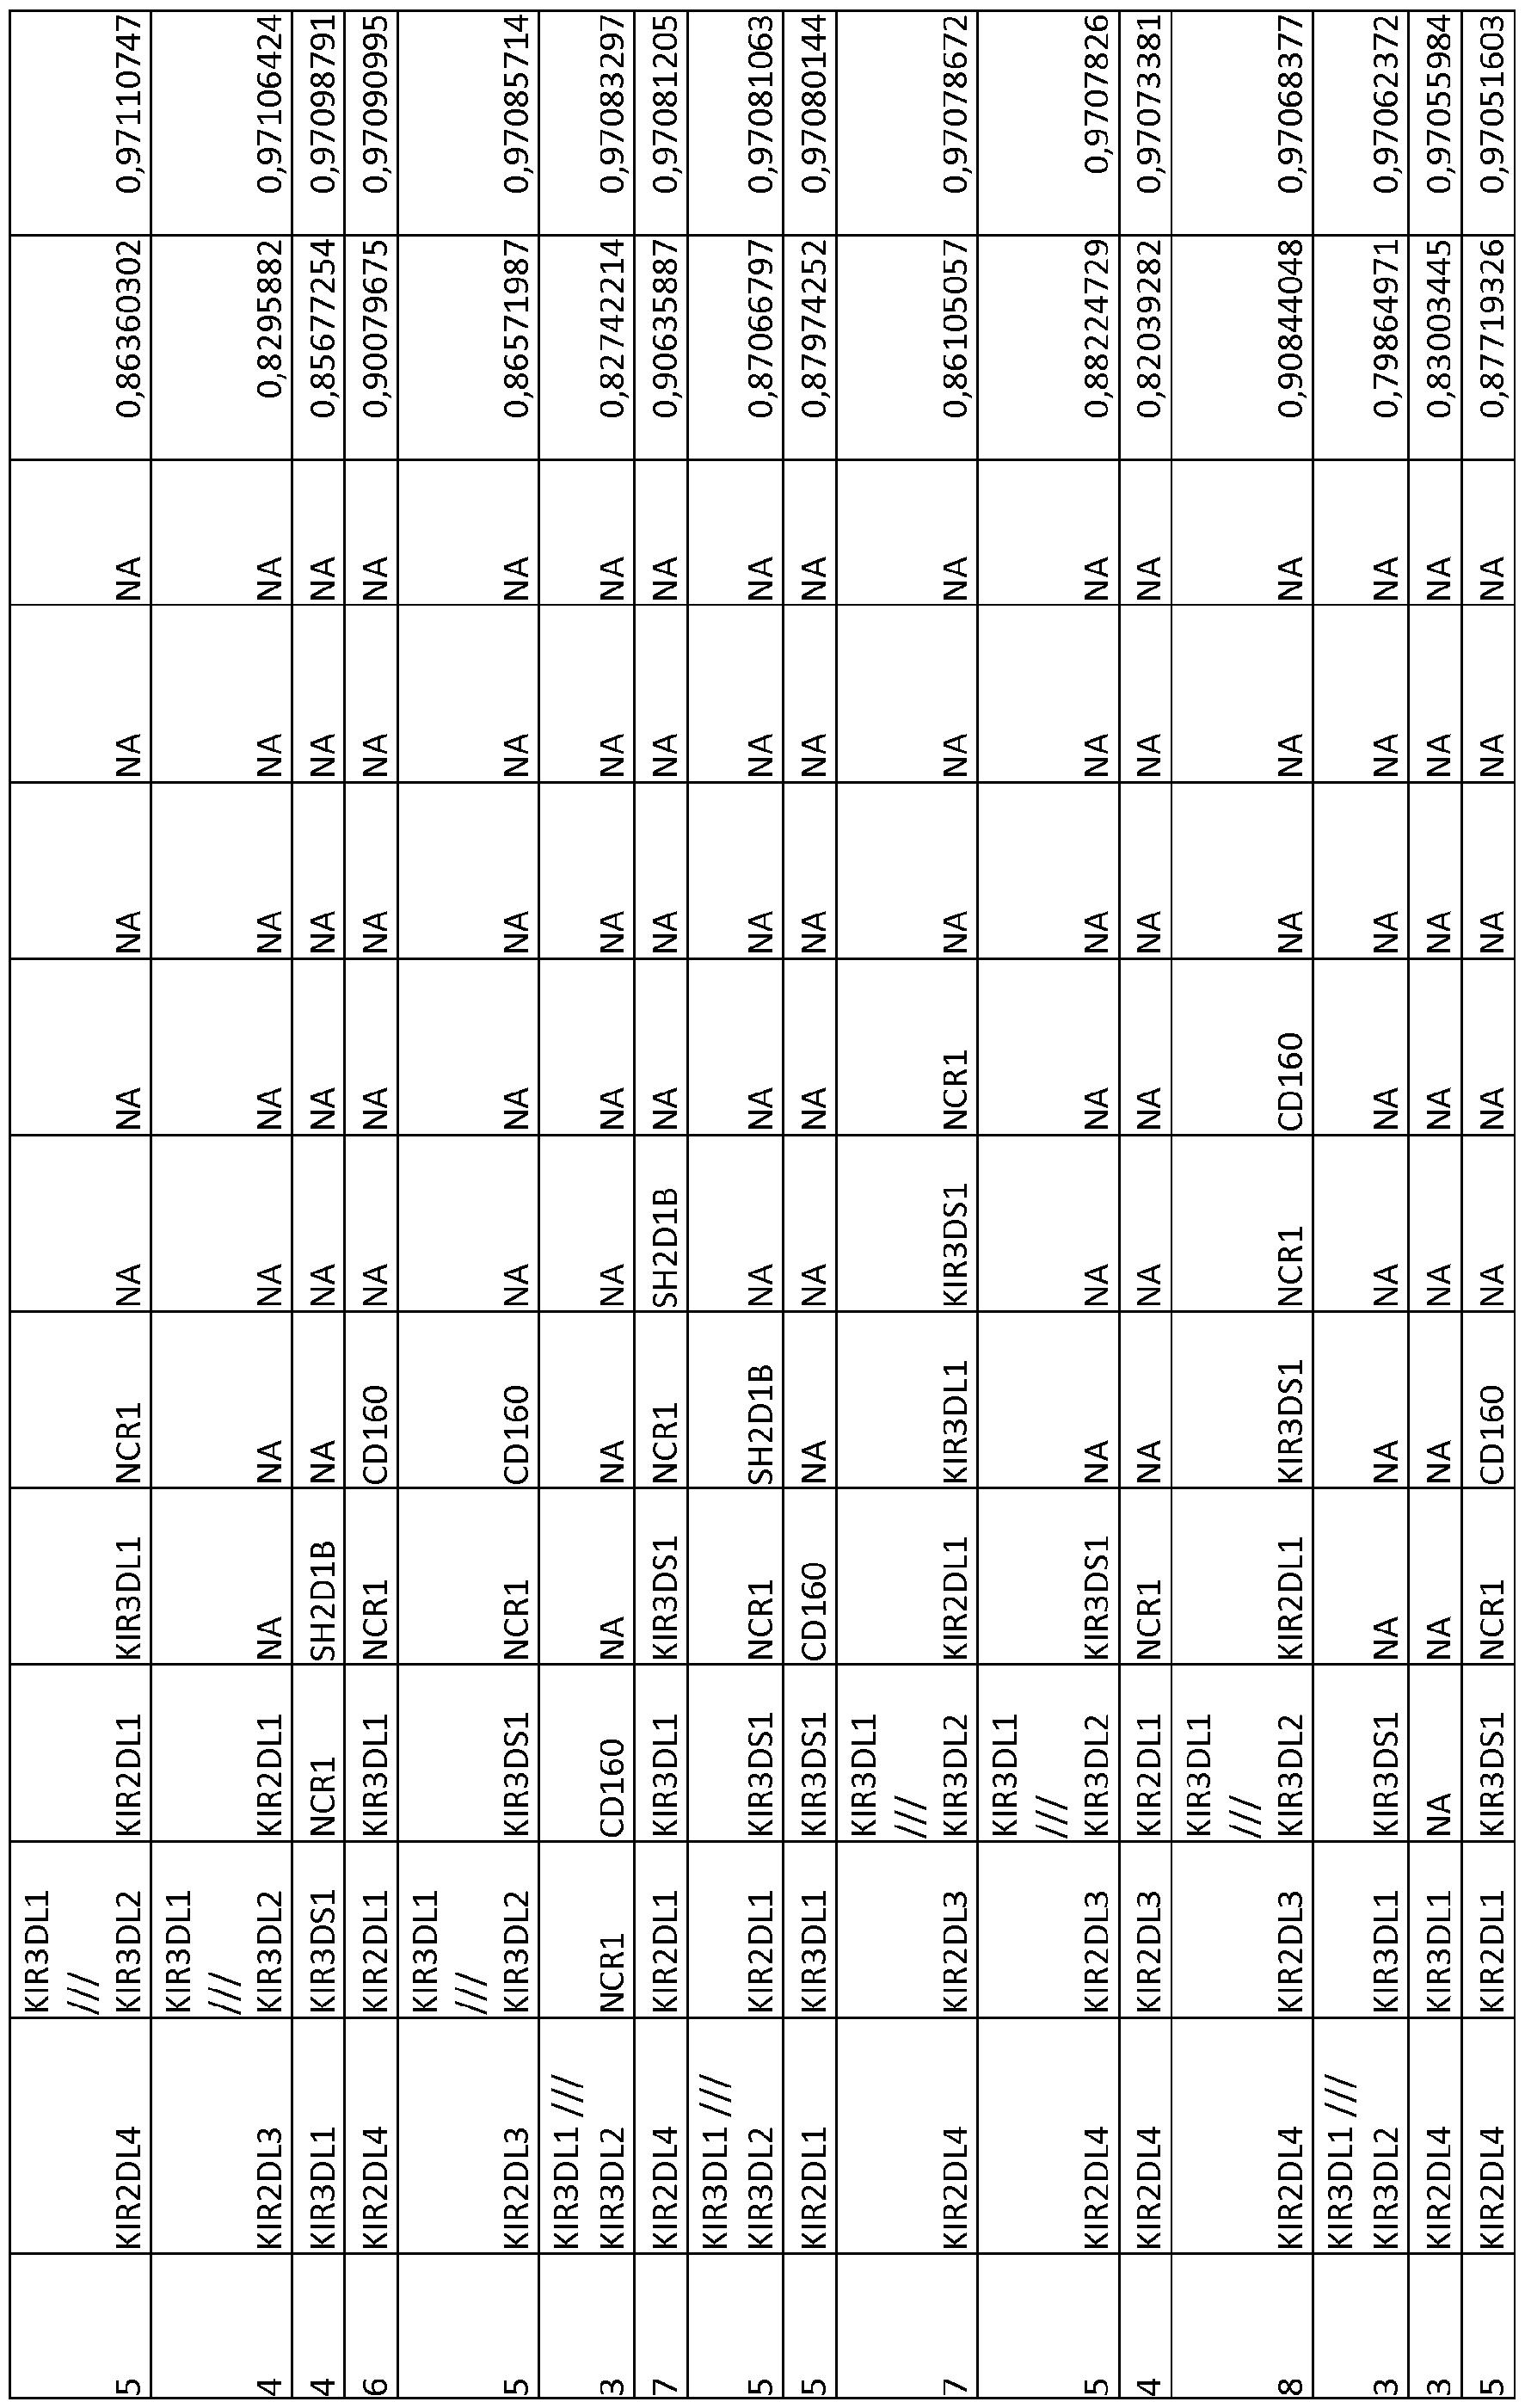 Figure imgf000230_0001